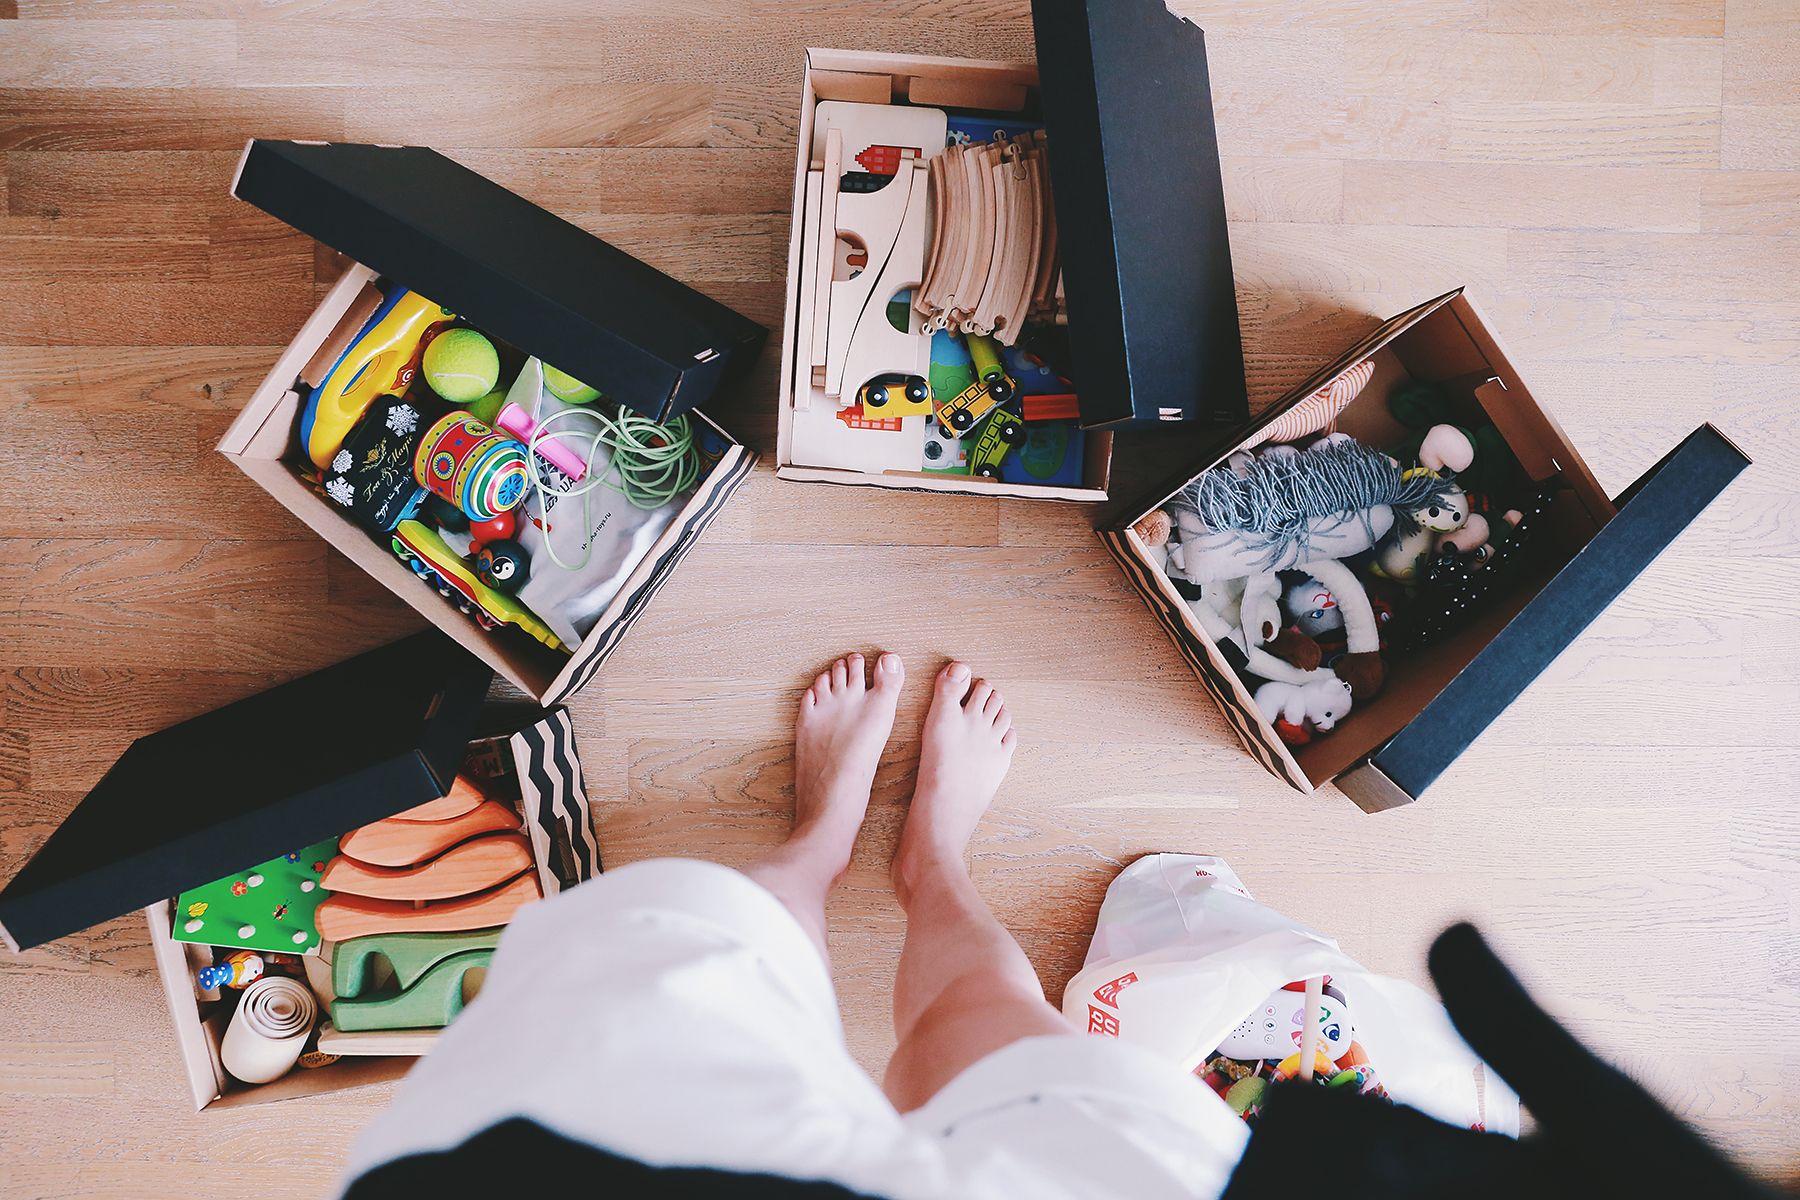 Оптимизация игрушек и посуды - DaryaDarya